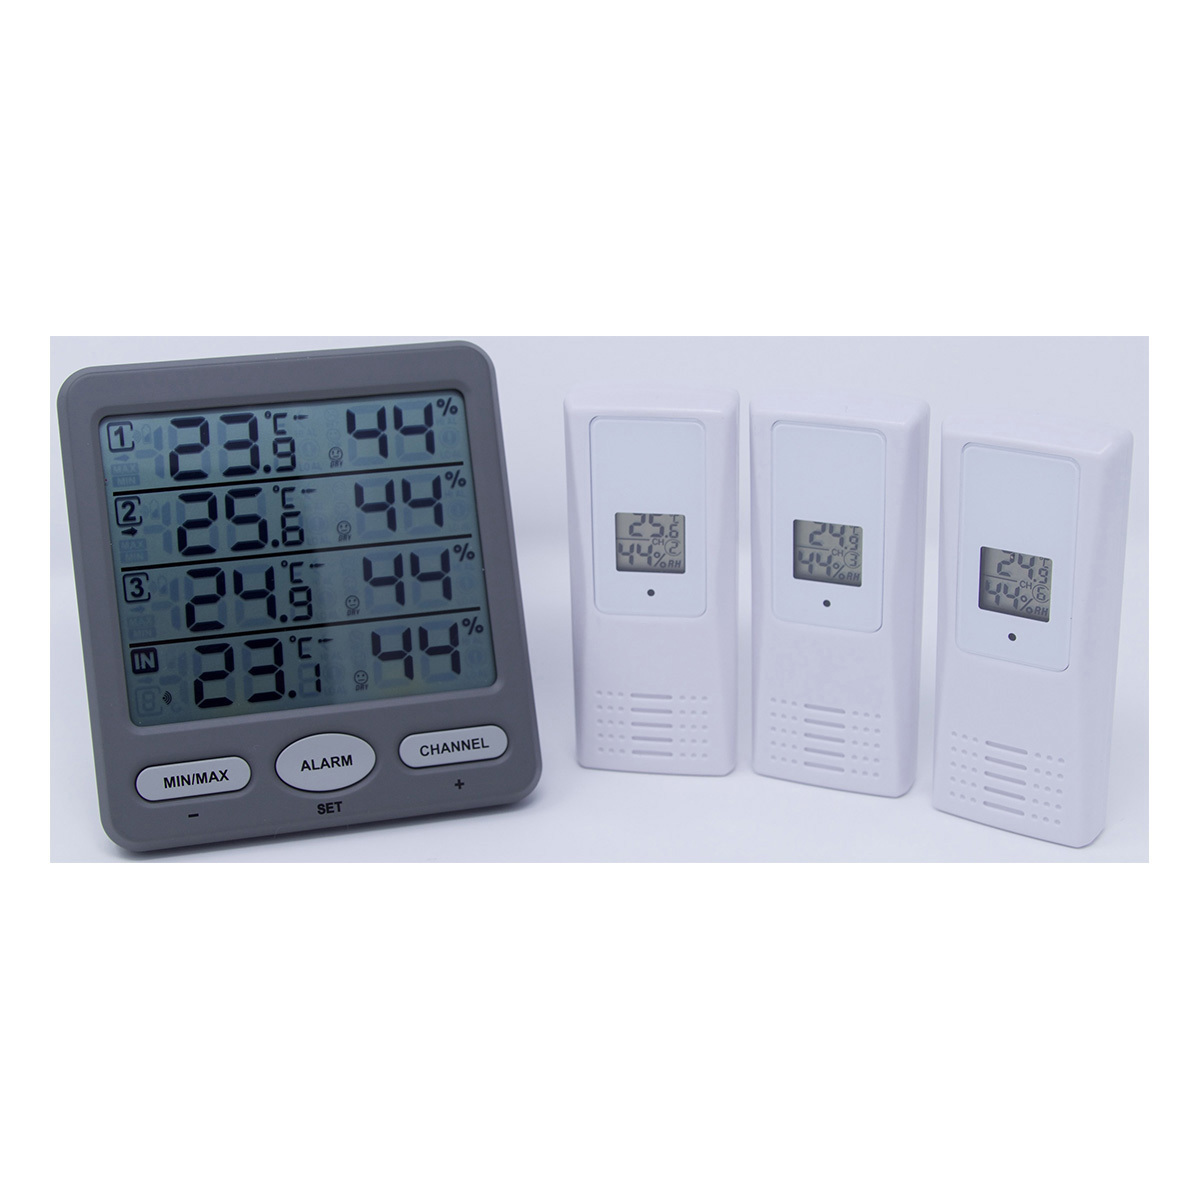 30-3054-10-funk-thermo-hygrometer-mit-3-sendern-klima-monitor-ansicht-1200x1020px.jpg